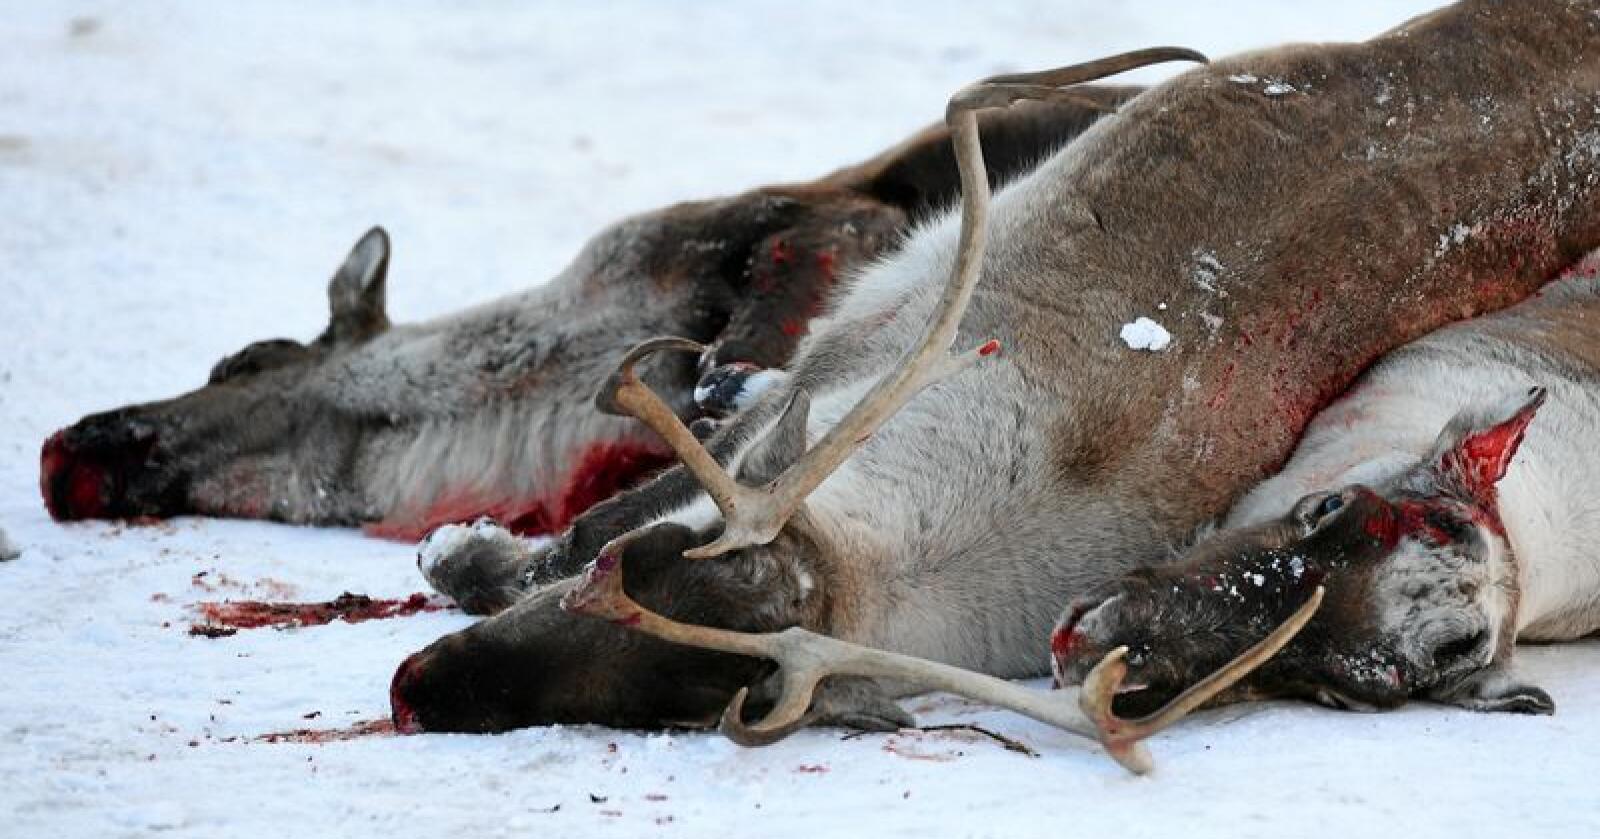 CWD: I 2017-2018 ble villreinstammen i Nordfjella slaktet ned på grunn av CWD. Nå skal 1800 bukker i villreinstammen på Hardangervidda slaktes ned. Foto: Marit Hommedal / NTB scanpix